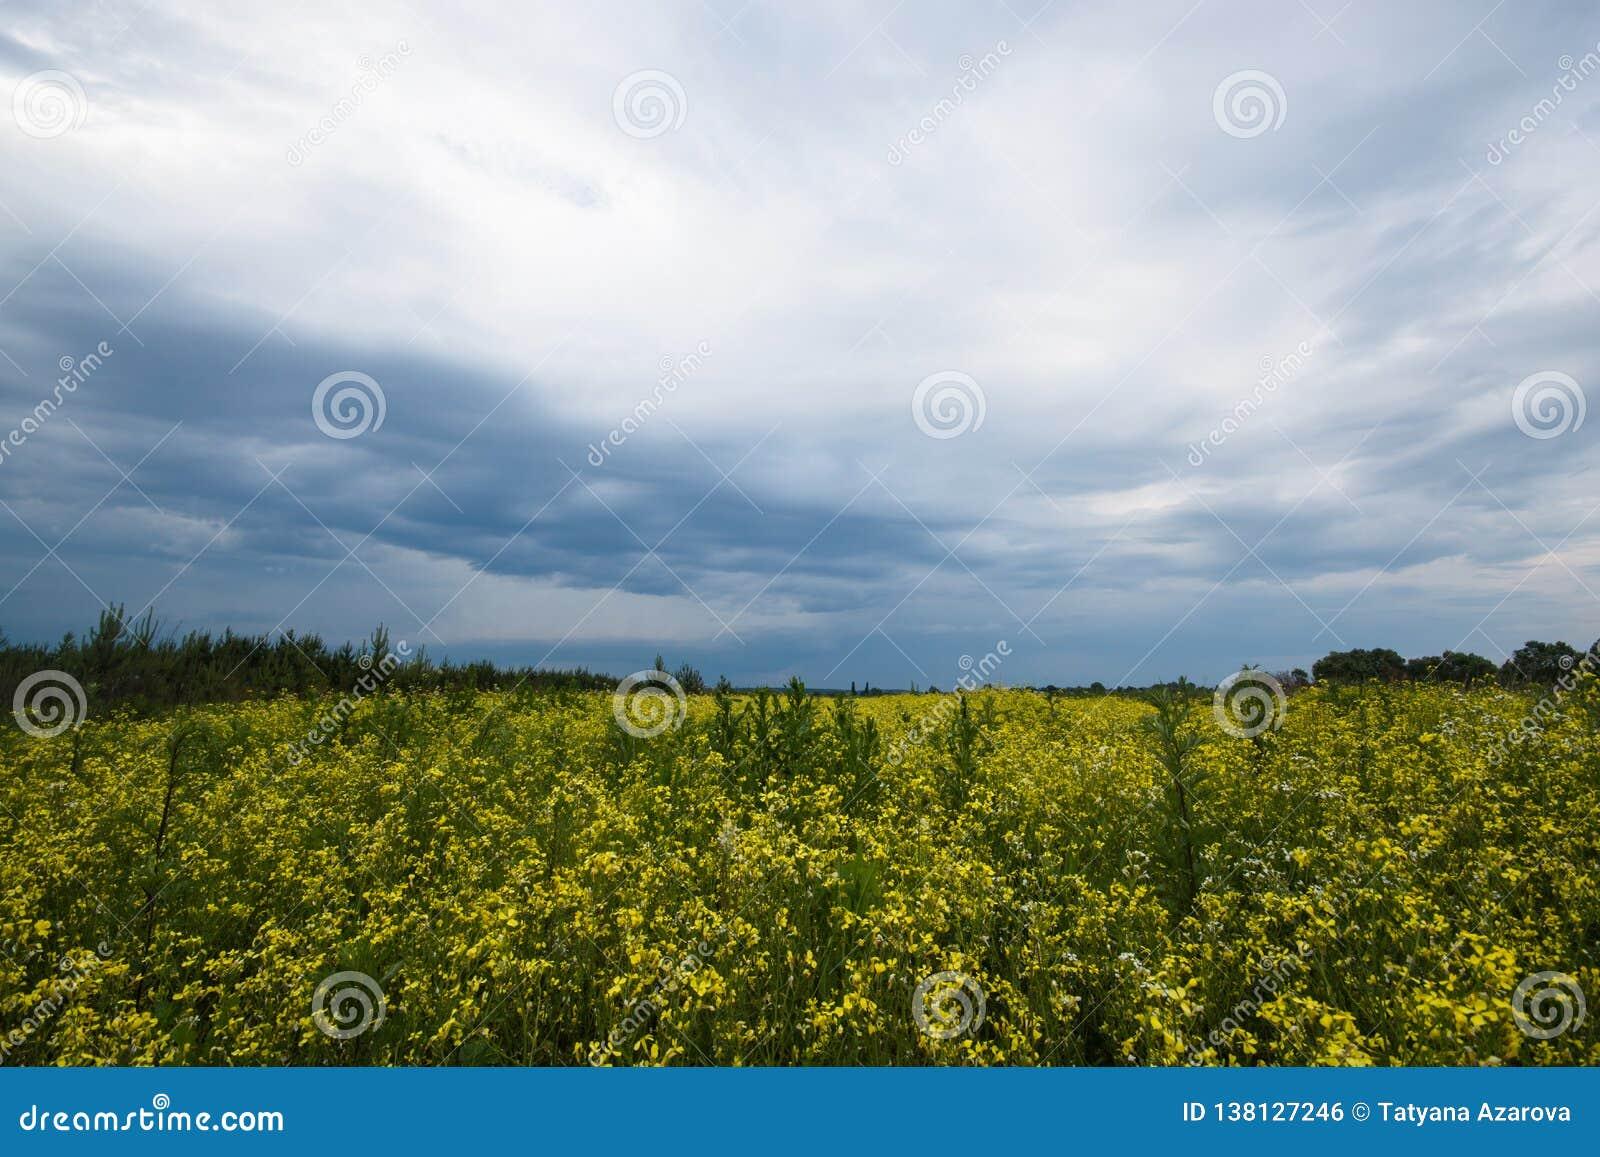 Bewölktes Himmelfeld wild Drastischer Naturhintergrund Farbige handgemachte Abbildung Bunte Frühlingslandschaft Dunkelblauer Wolk